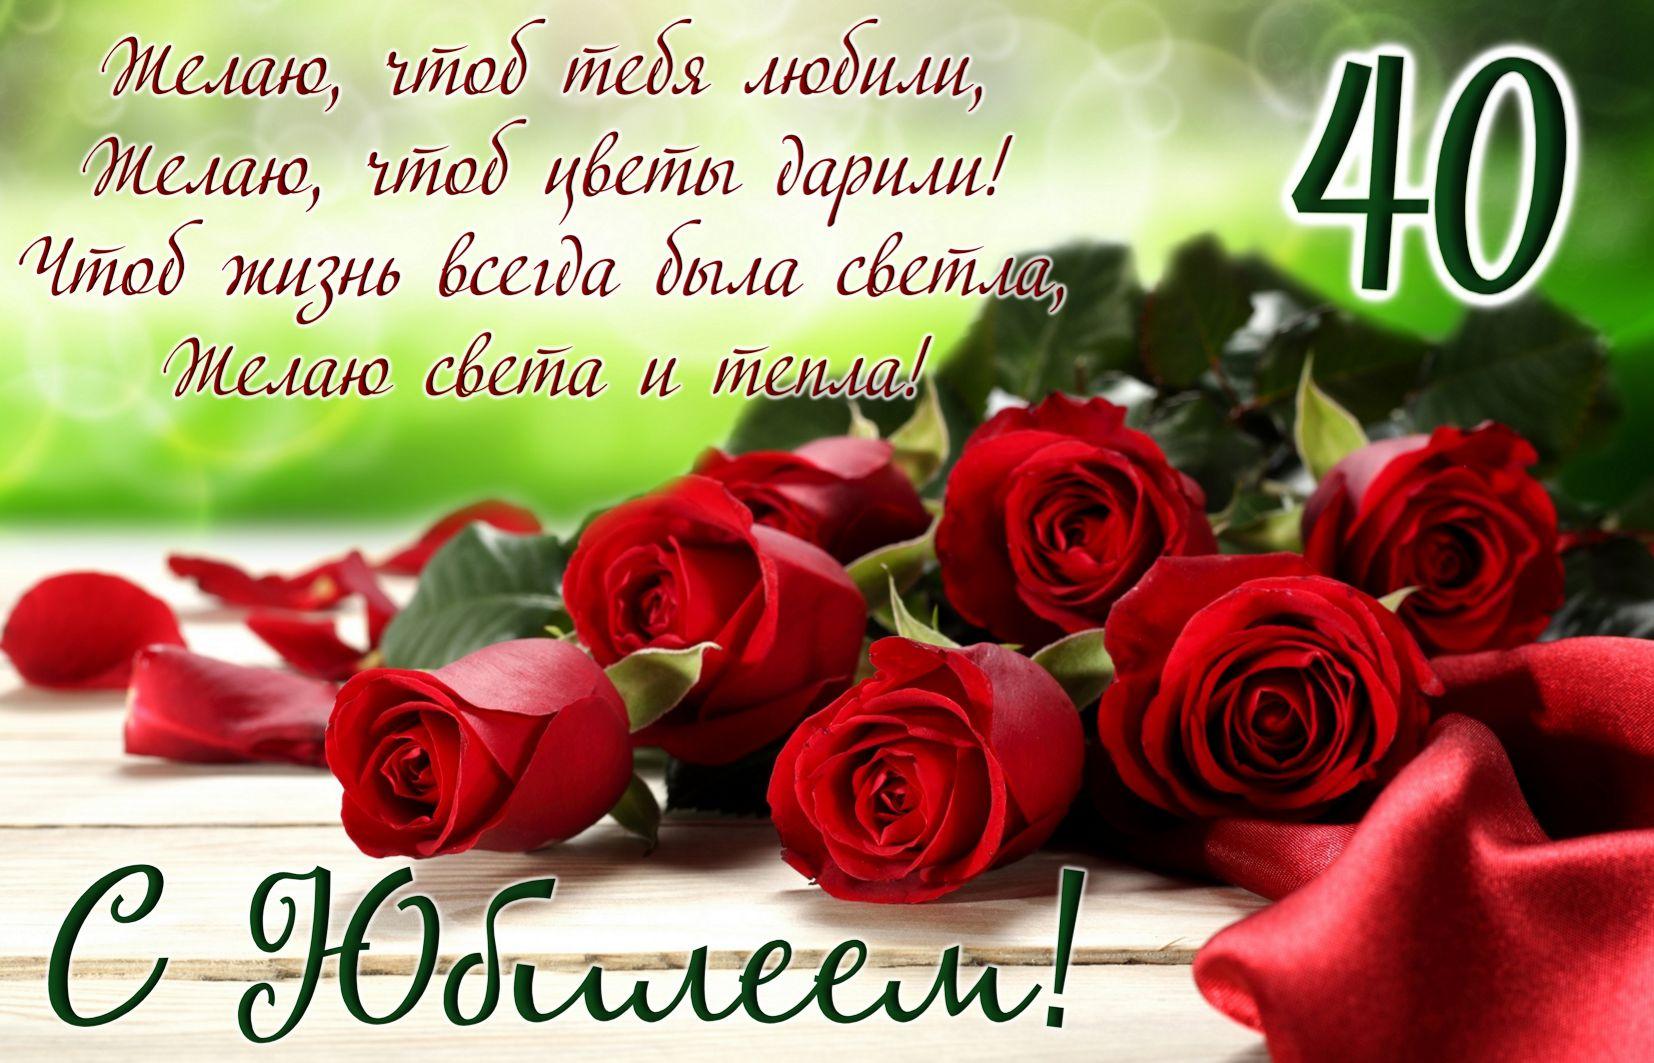 Открытка на 40 лет - красные розы и пожелание женщине на юбилей